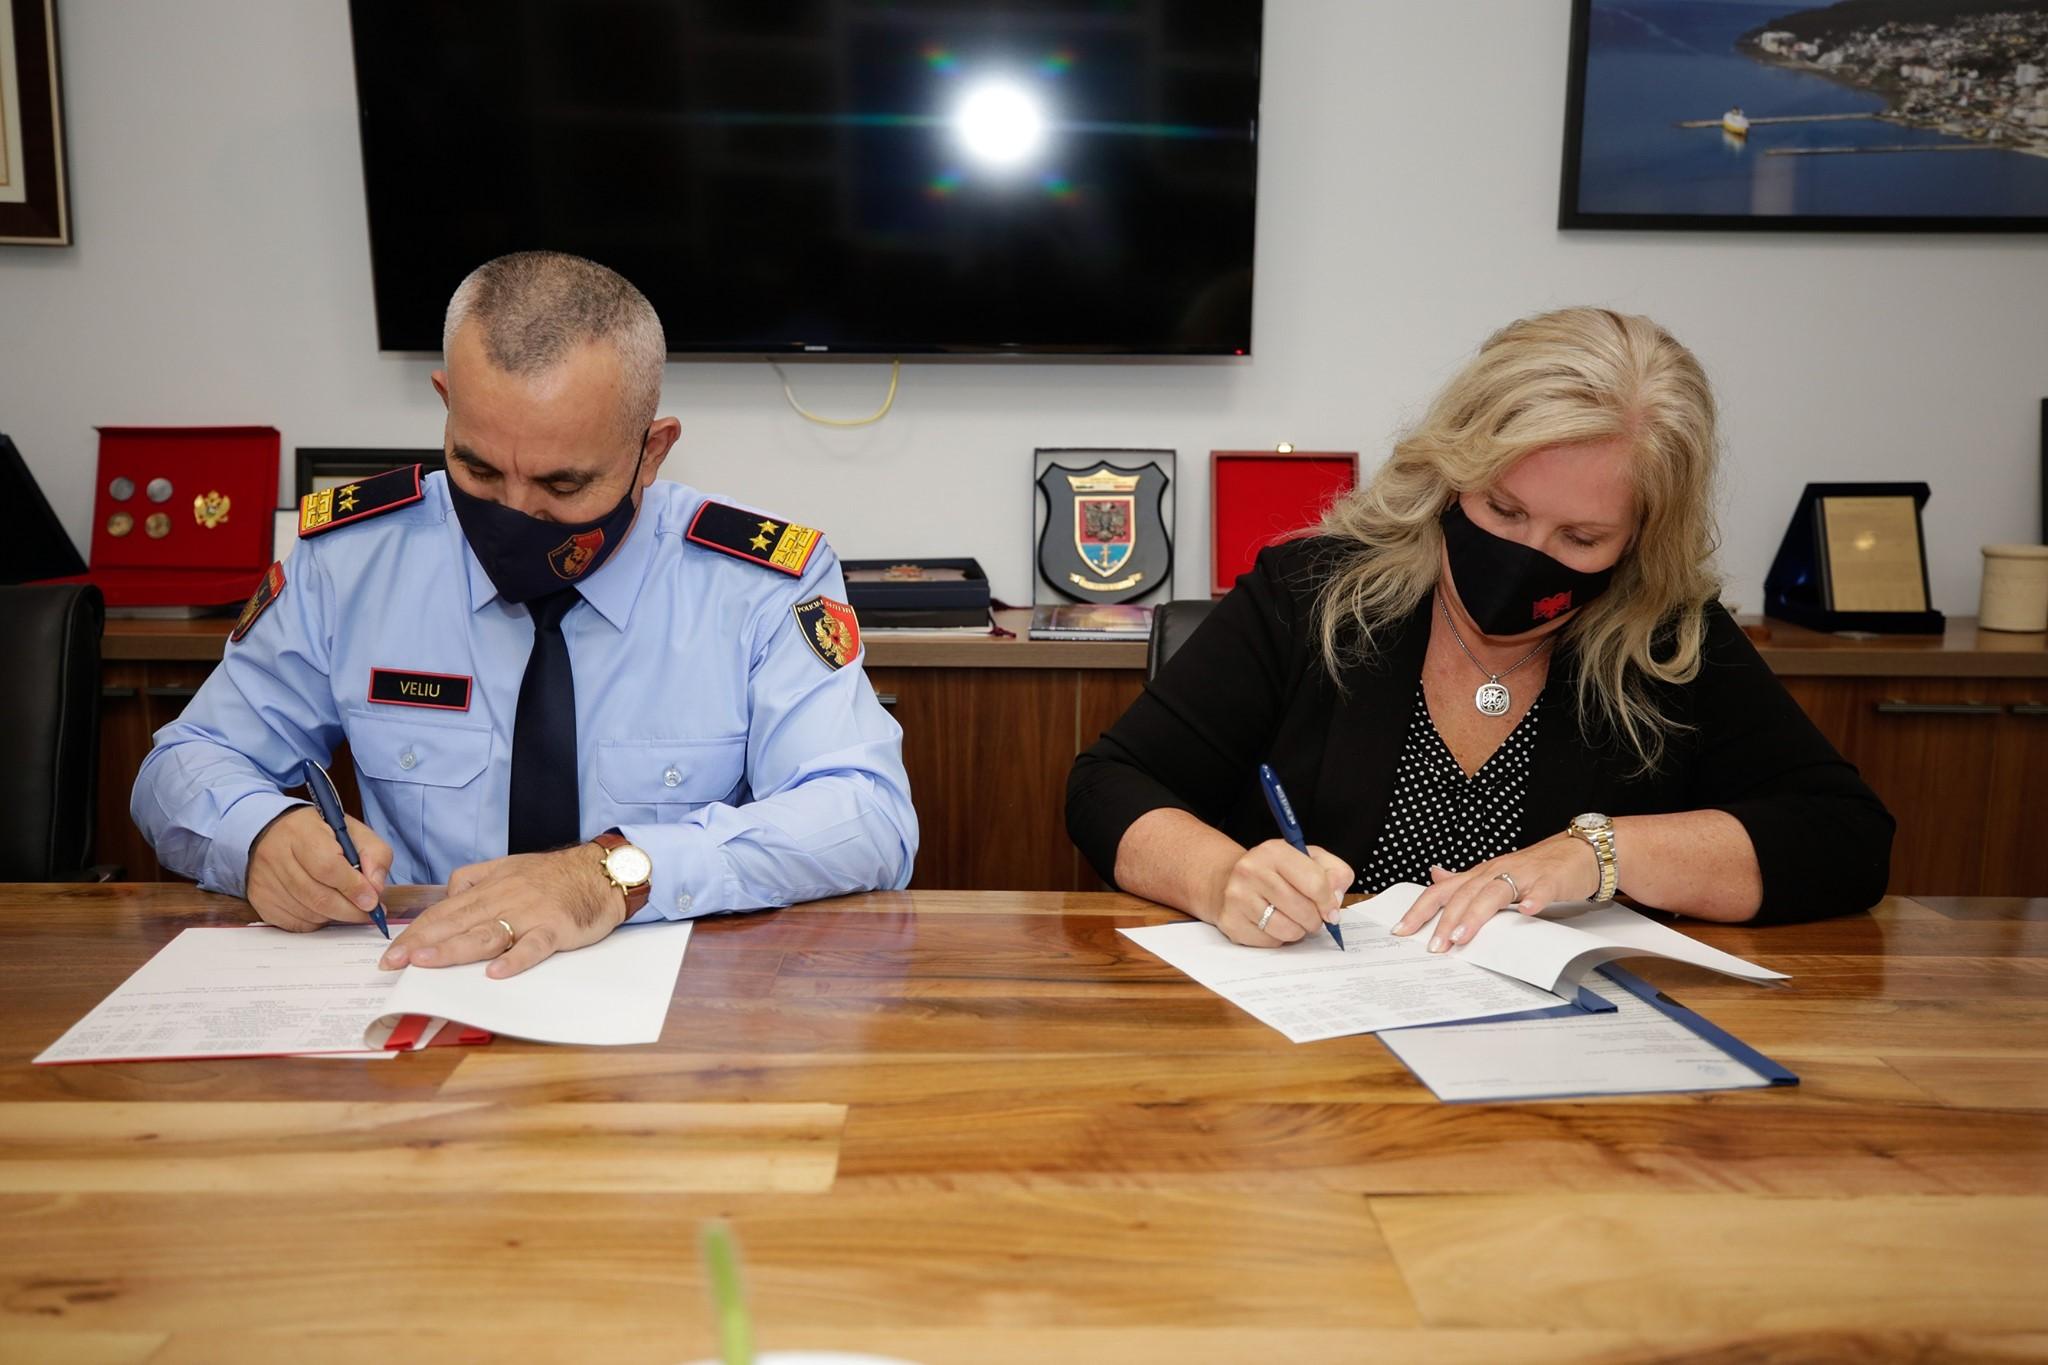 SHBA i dhuron Policisë së Shtetit pajisje hetimi, ambasada: Do të ndihmojnë në luftën kundër terrorizmit dhe krimit kibernetik!